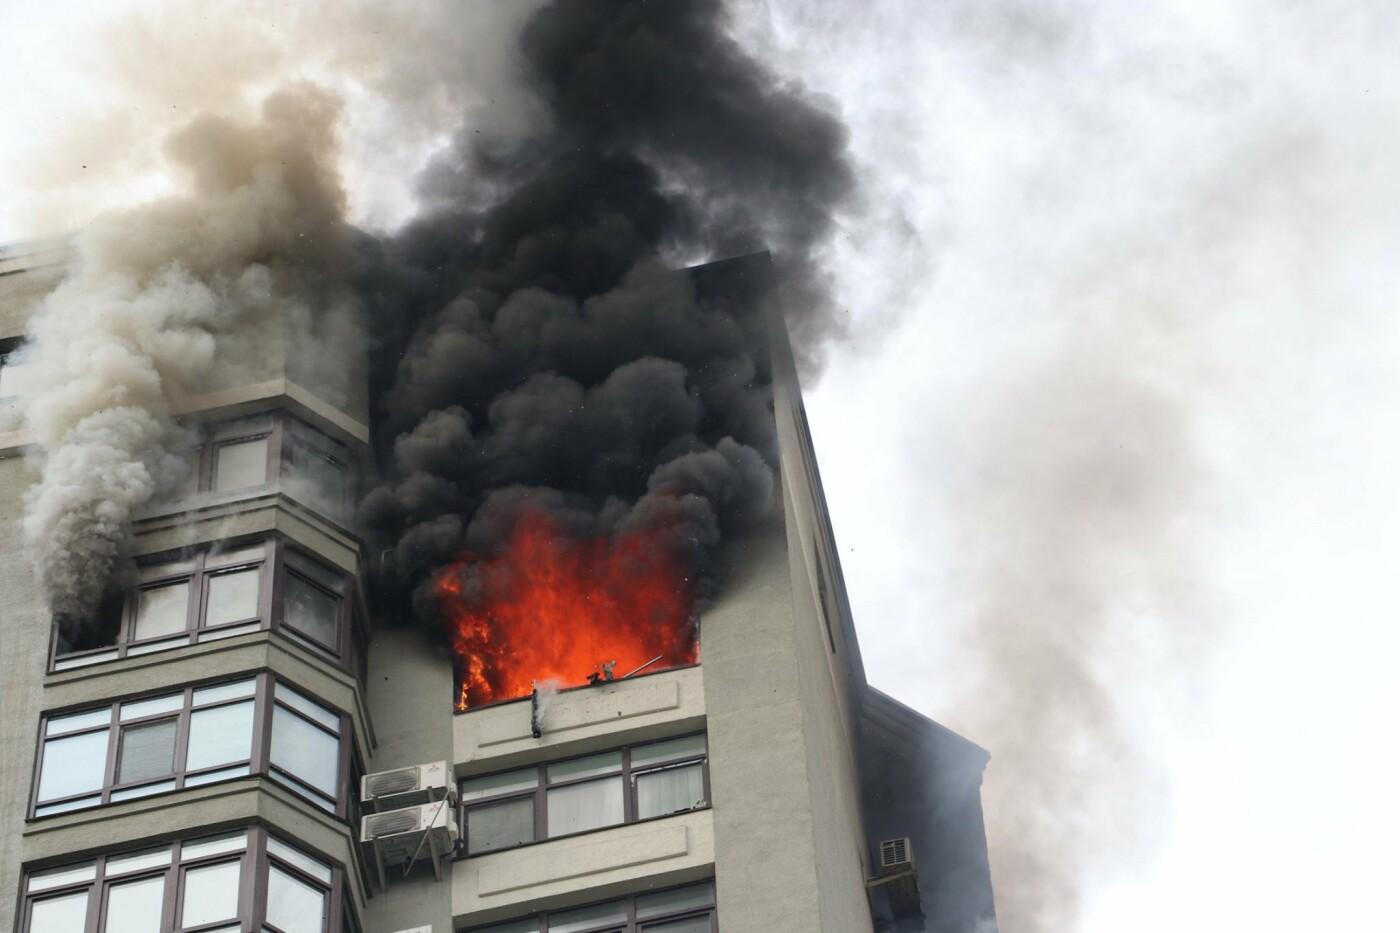 В Киеве во время пожара в многоэтажке заживо сгорел мужчина - ФОТО, фото-5